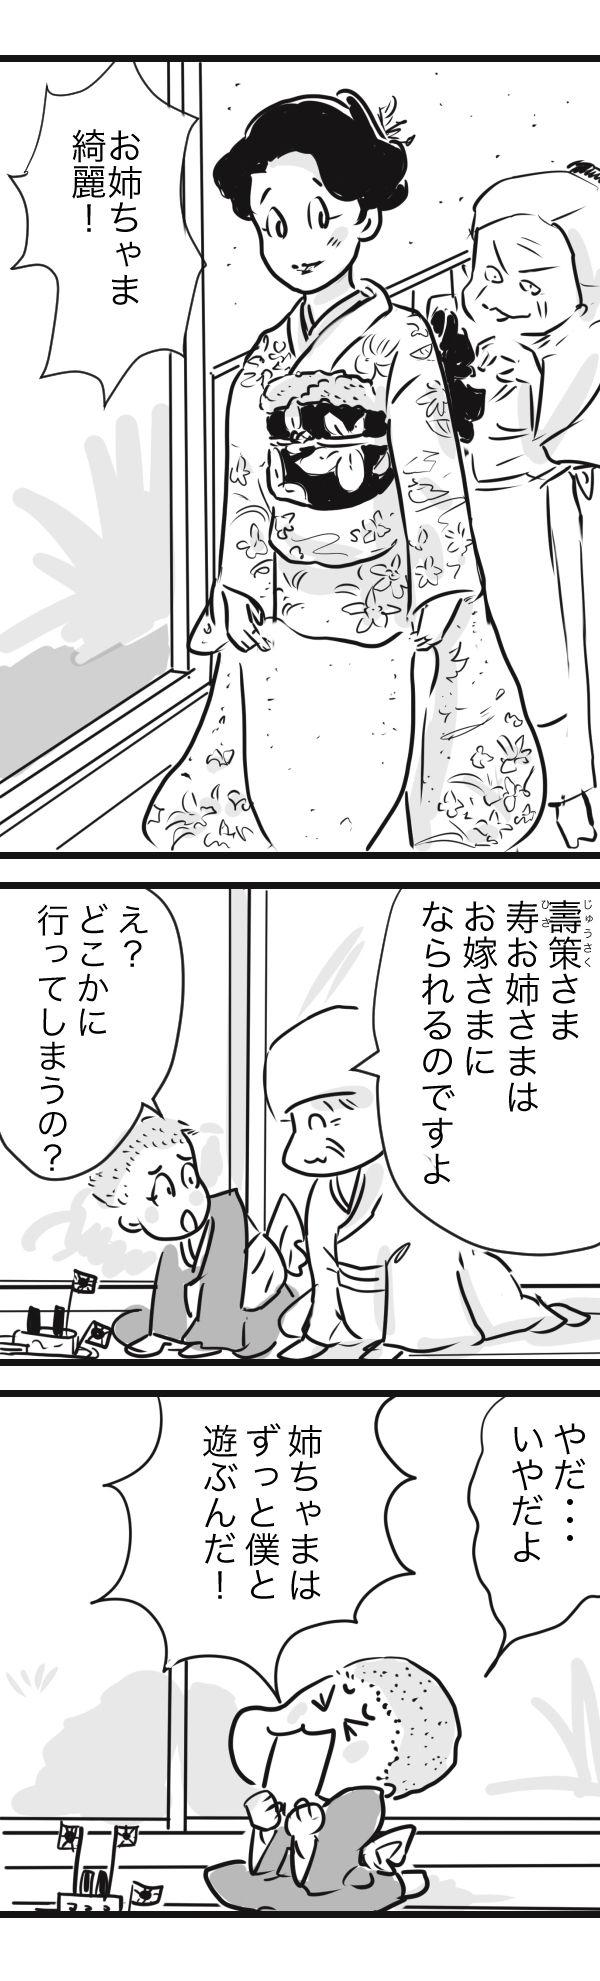 山田 金沢10−1−2